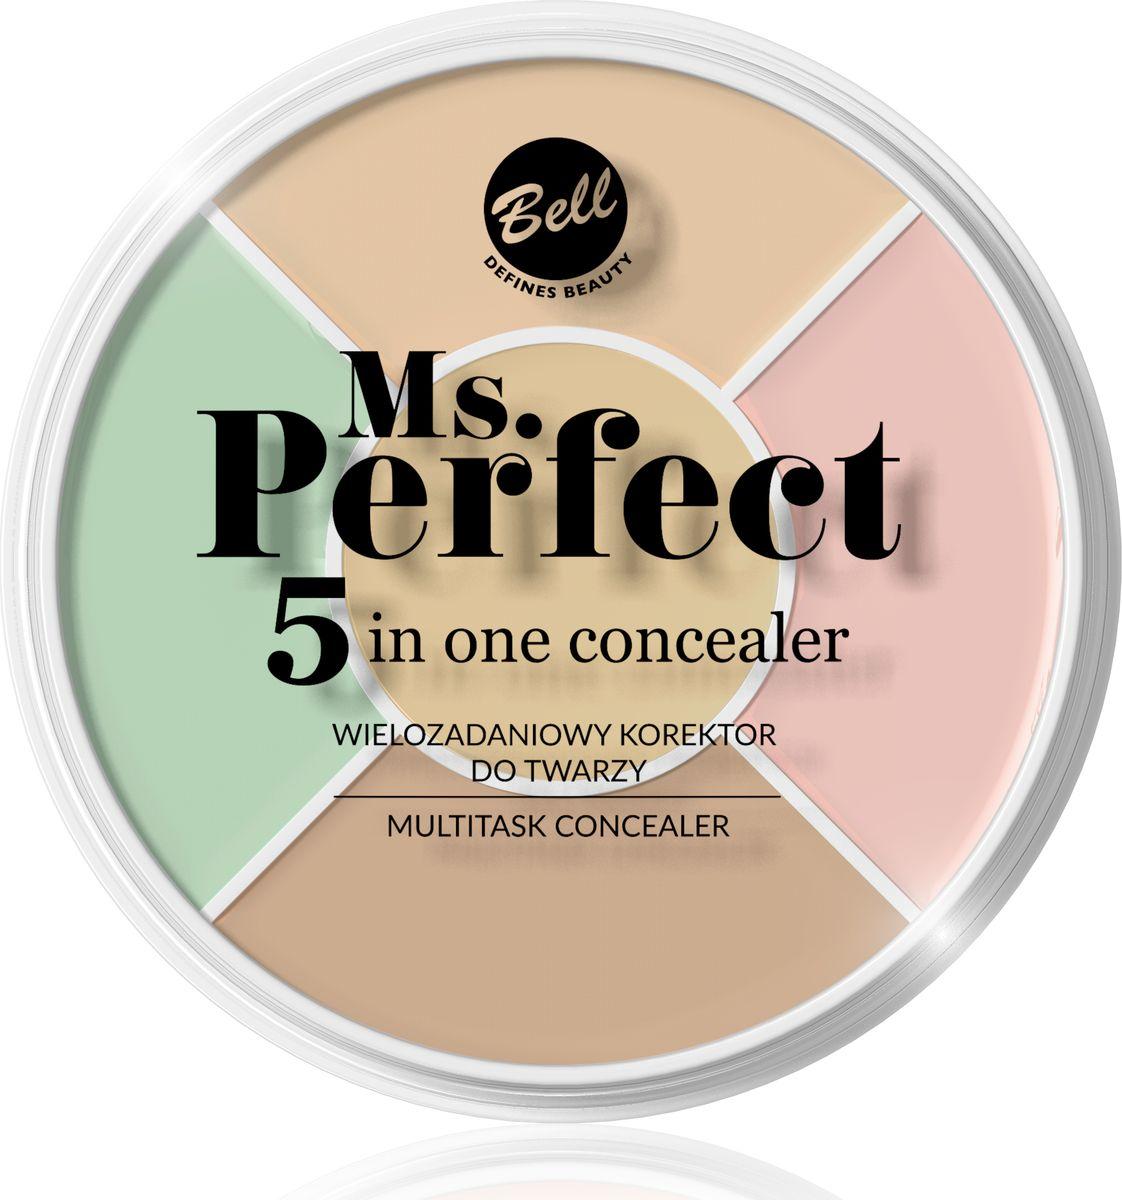 Bell Многофункциональный Корректор Для Лица Ms.perfect 5inone Concealer5010777139655Каждый из пяти цветов имеет другую функцию: Зеленый - скрывает покраснения и лопнувшие капилляры. Нанесите его в местах, склонных к раздражениям и покраснениям. Используйте под флюид. Розовый - осветляет, оптически разглаживает, придает эффект отдохнувших глаз. Нанесите в местах, где кожа выглядит серой и уставшей. Если у вас светлая кожа, можете скрыть ним синяки под глазами. Используйте под флюид. Бежевые оттенки - скрывают несовершенства кожи. Можете его использовать как под флюид, так и после его нанесения, если хотите получить более сильный кроющий эффект. Чтобы подобрать цвет к оттенку кожи, можете смешивать их между собой. Желтый - интенсивно осветляет и скрывает синяки под глазами. Можете также использовать его в местах, где кожа синего или фиолетового оттенка.